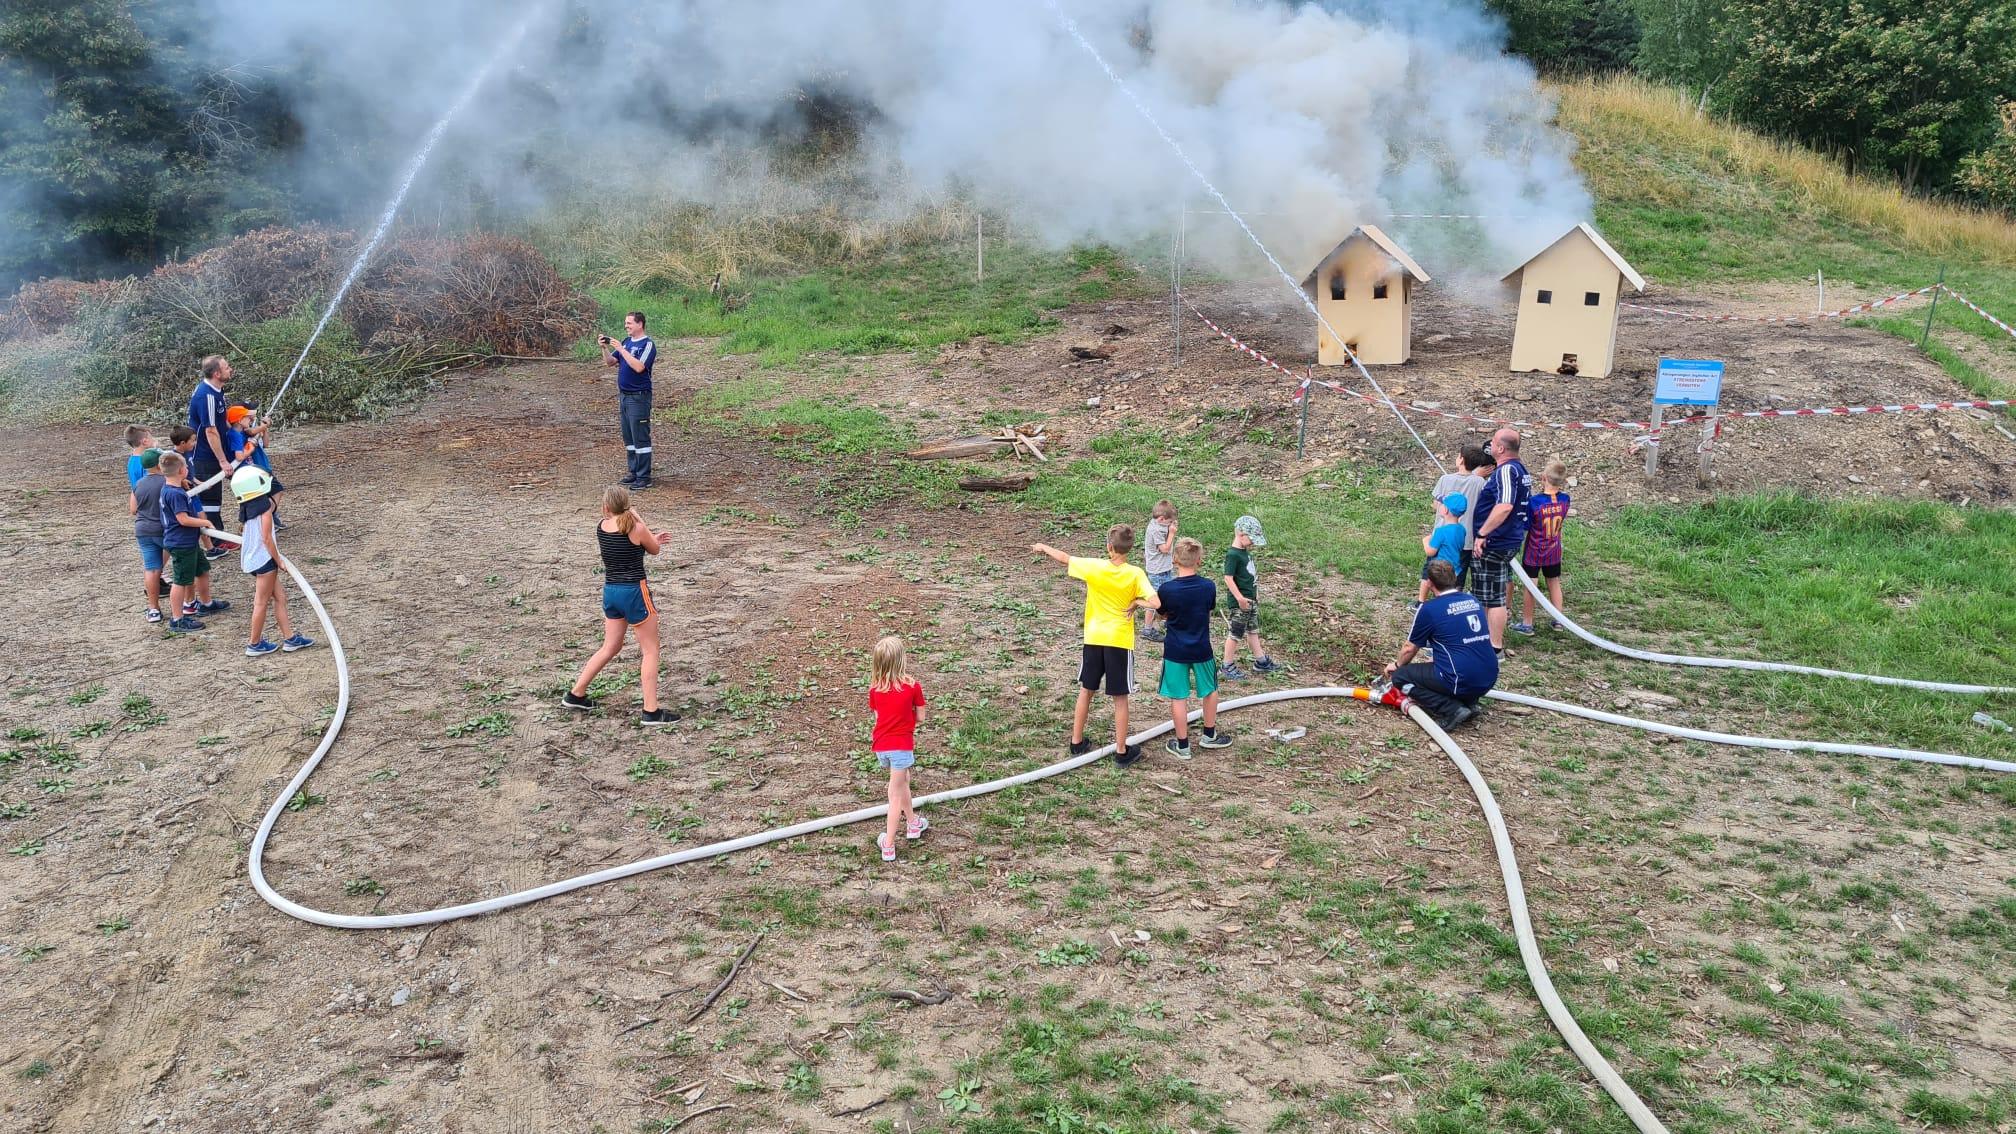 2021-07-23 - Kinder-Ferienprogramm (5)